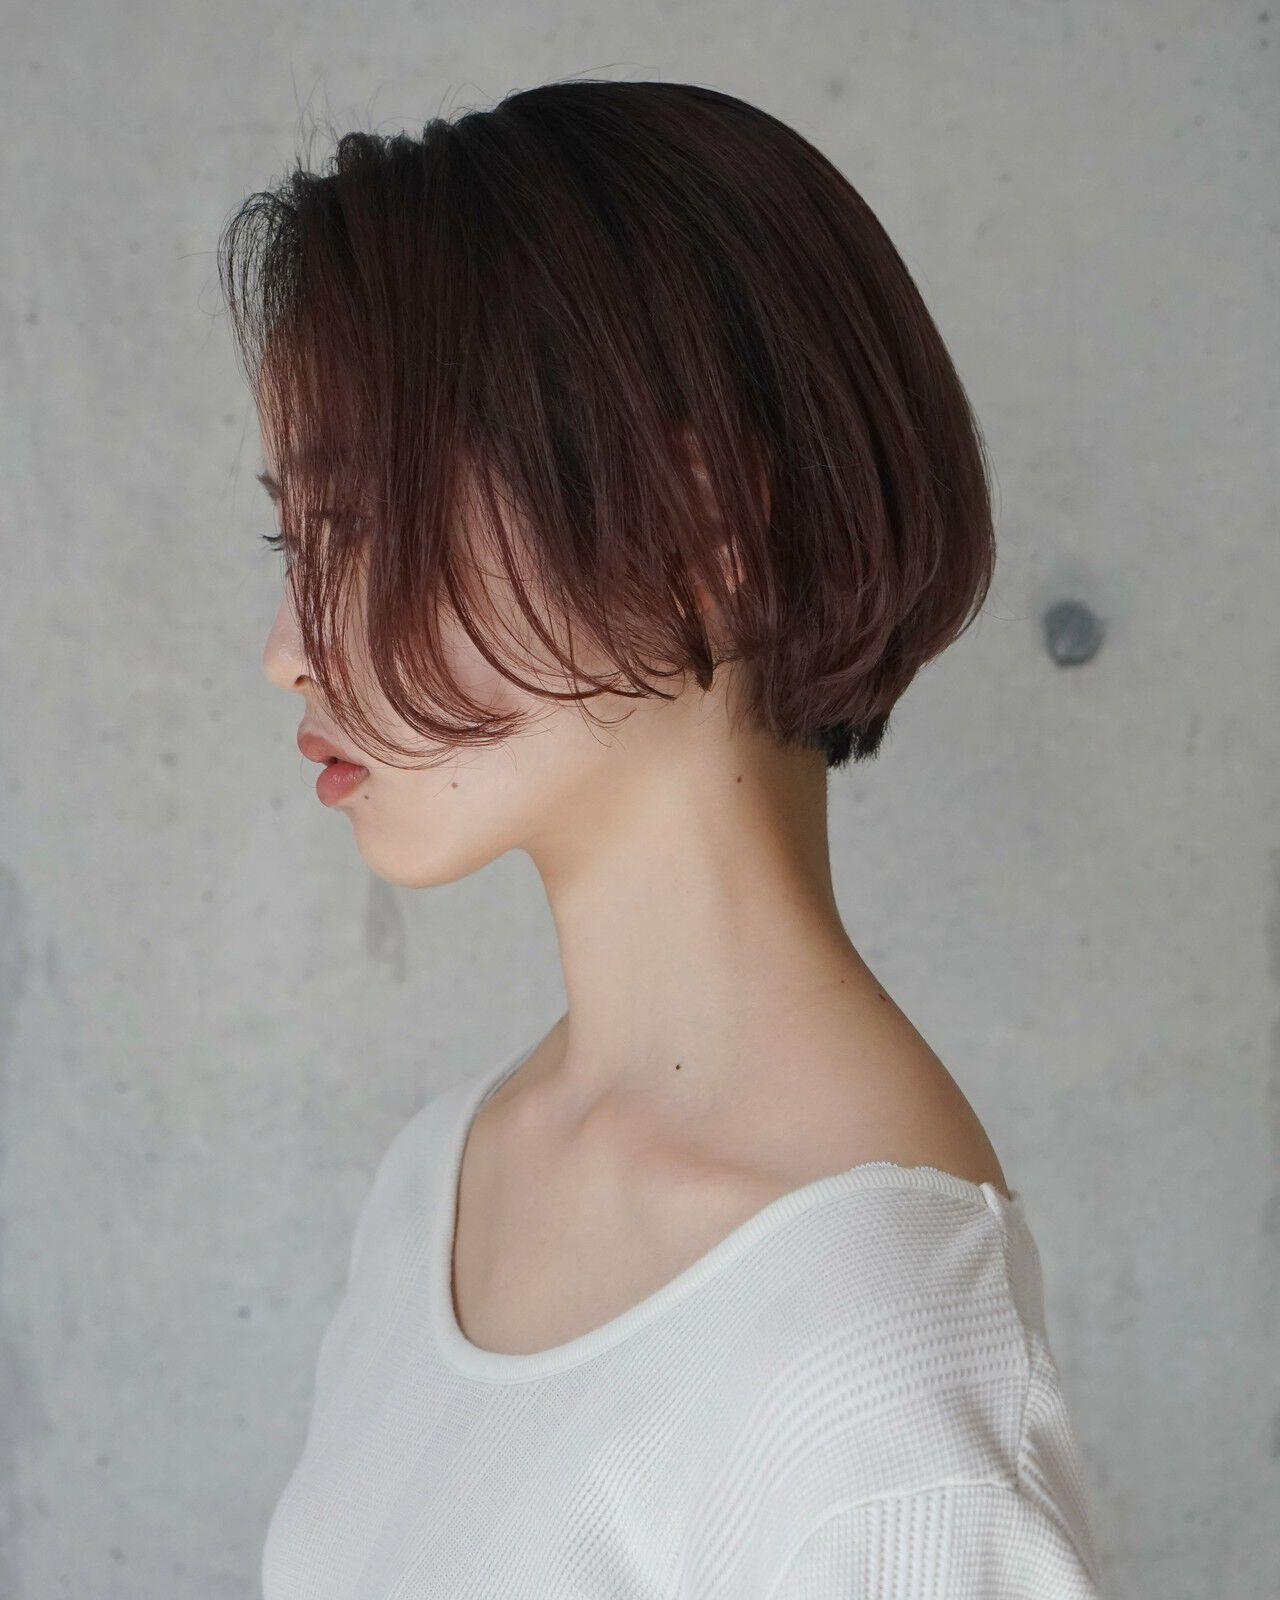 大人女子 ナチュラル こなれ感 ショートボブヘアスタイルや髪型の写真・画像